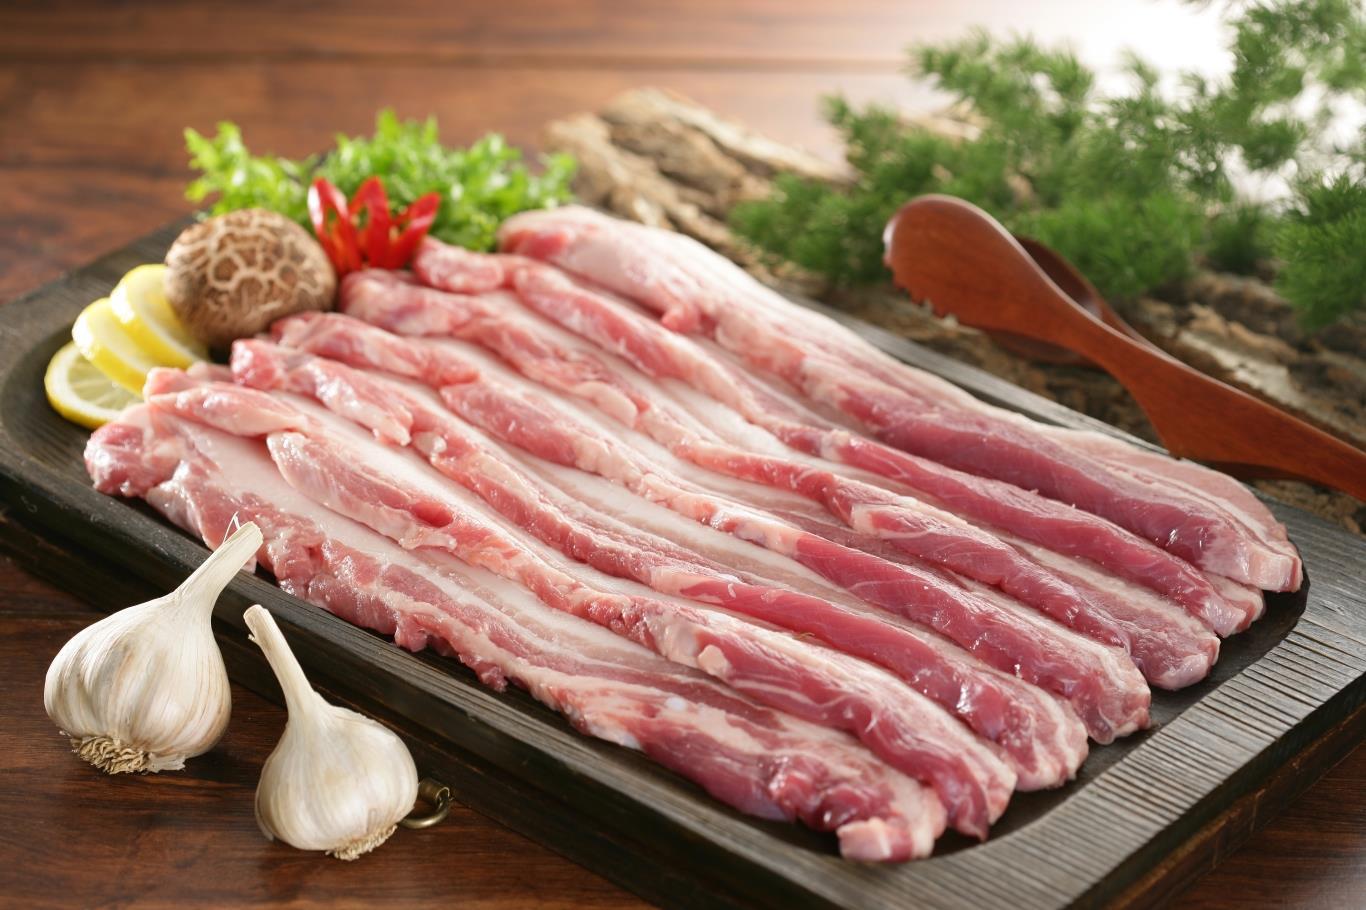 Cách rán thịt ngon như nhà hàng đơn giản tại nhà mà bạn nên biết